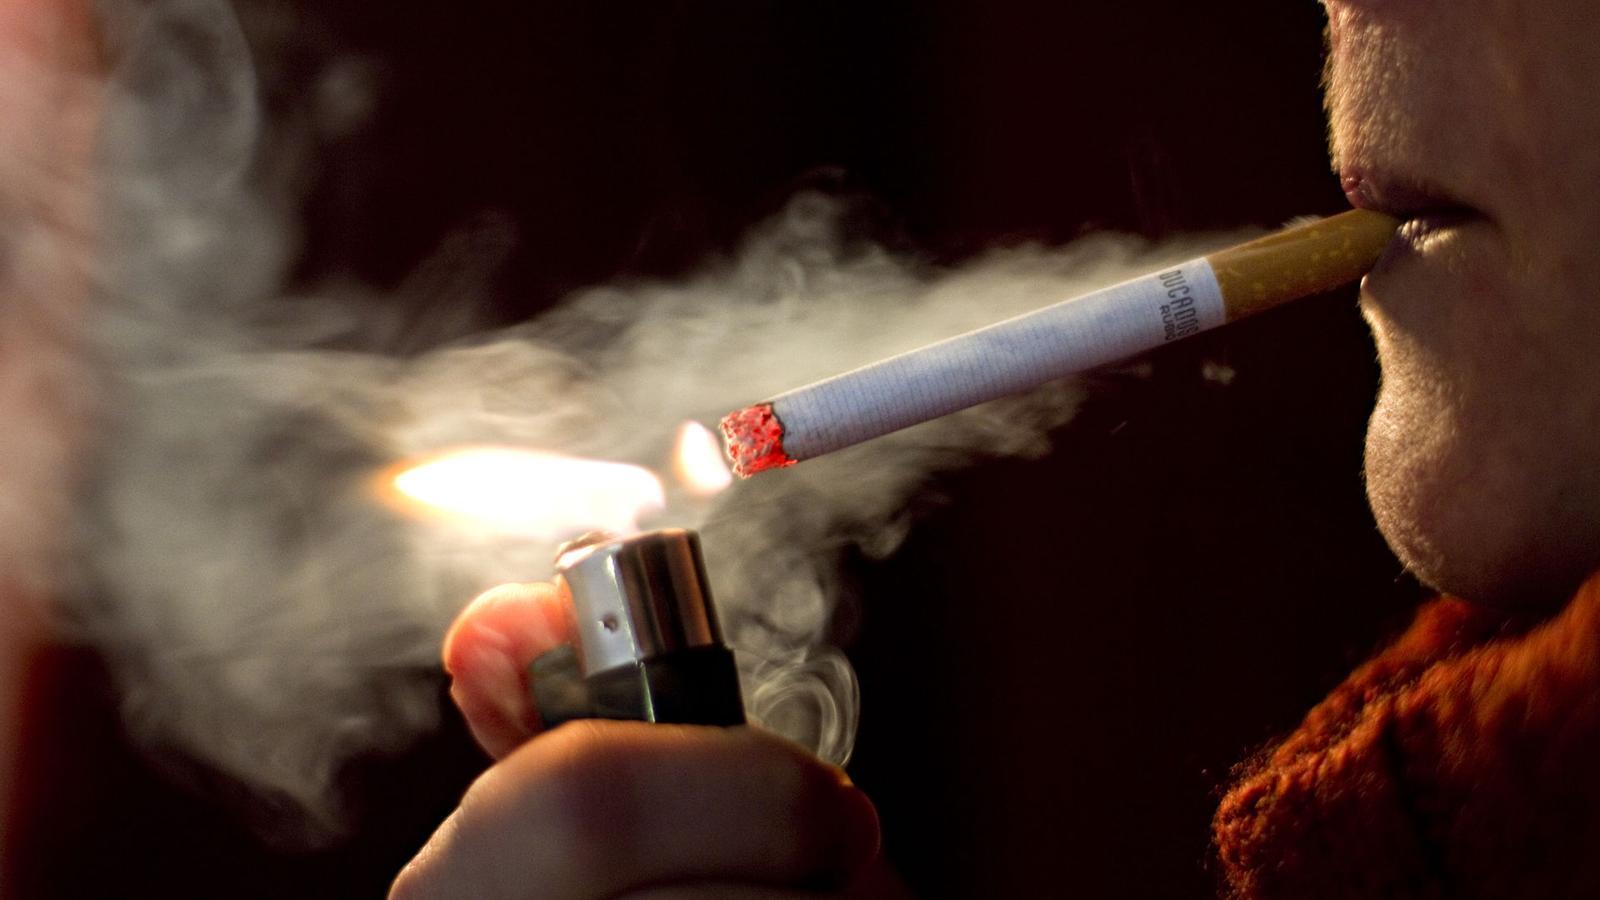 El 30% dels catalans són fumadors, per sobre de la mitjana europea